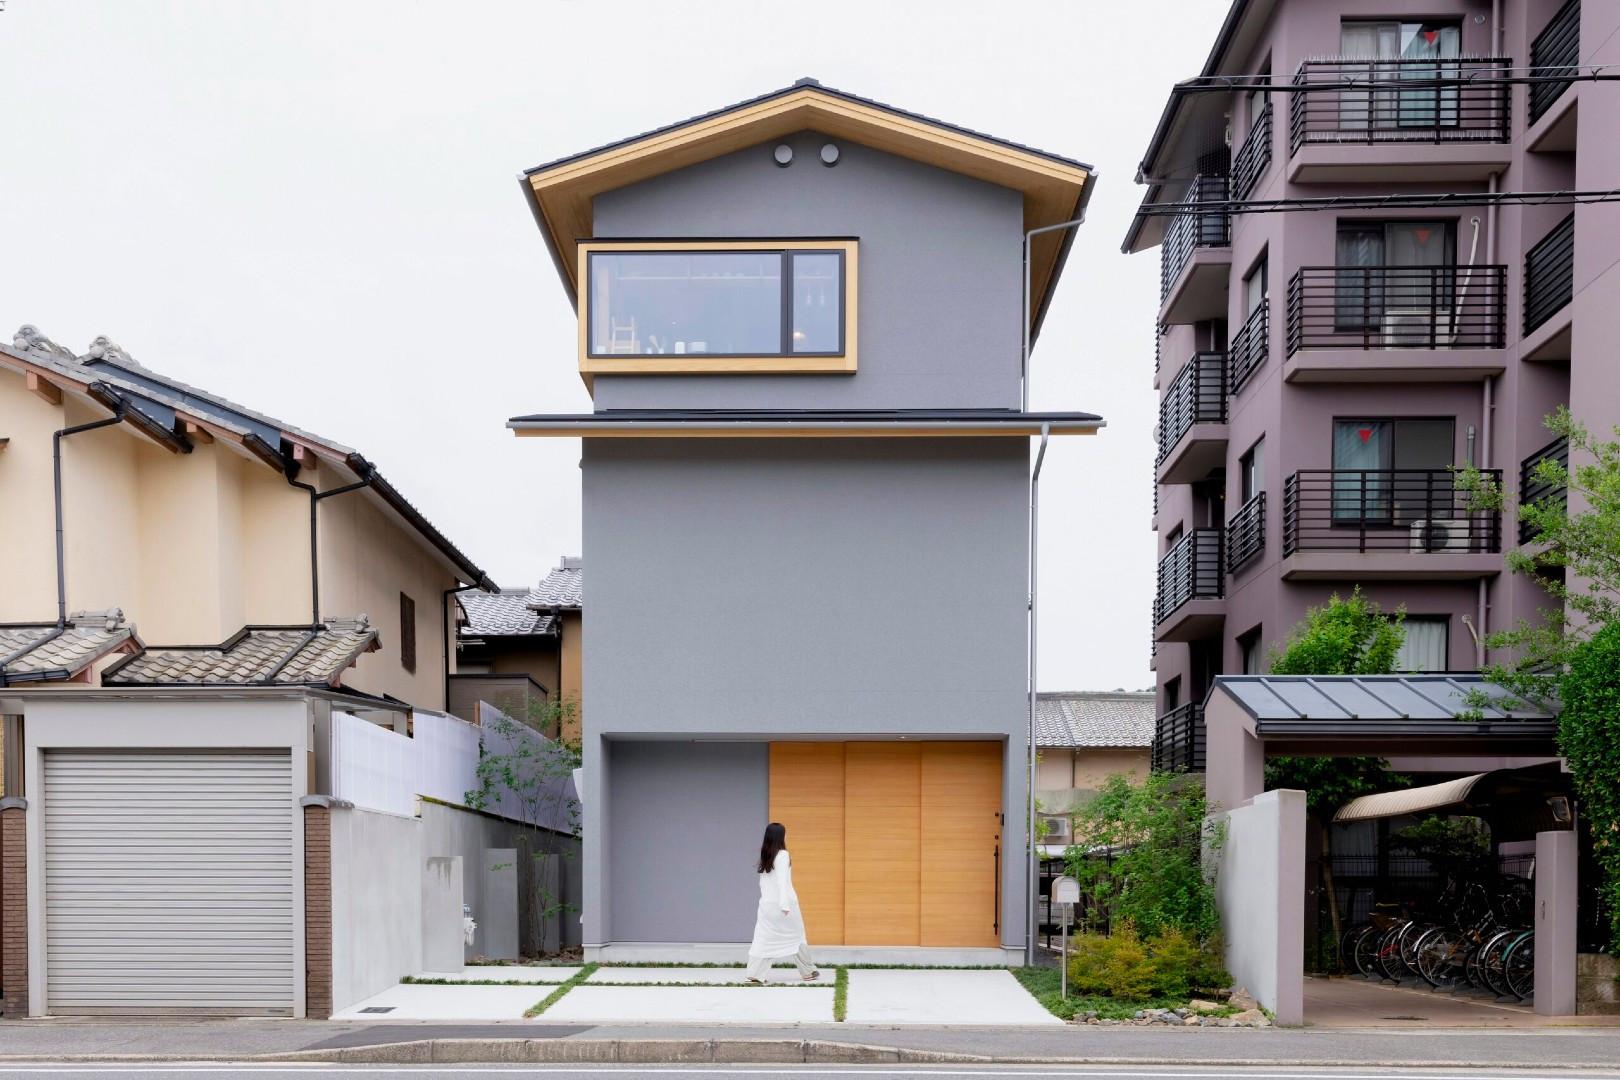 岩倉の家 余白のある家 アイキャッチ画像